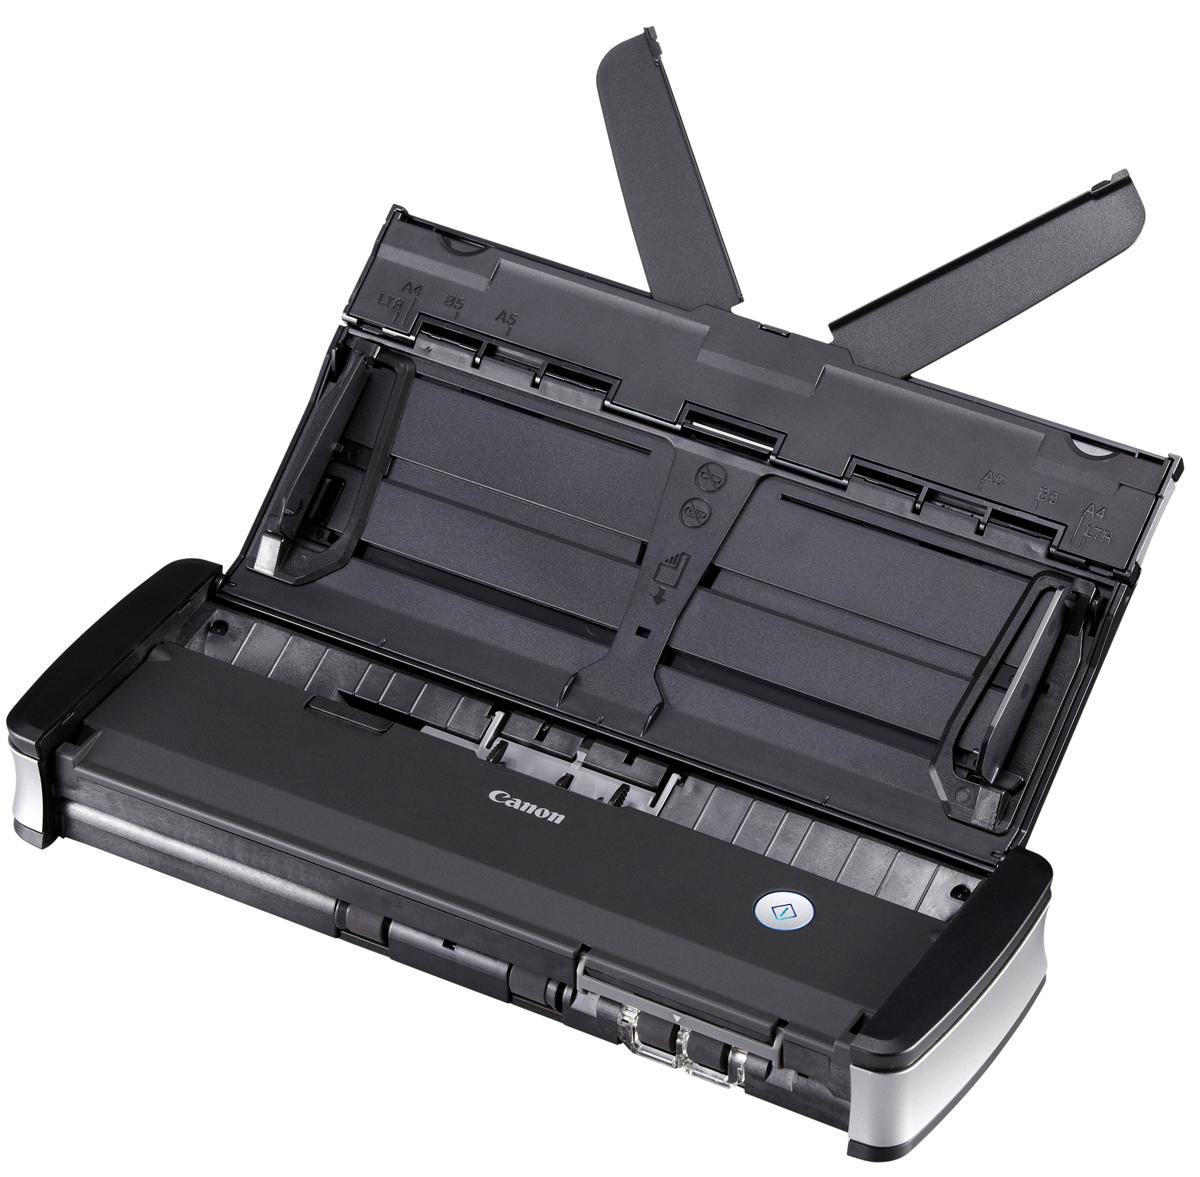 Canon P-215II (9705B003) сканер9705B003В офисе, дома или в движении — стильный сканер Canon P-215II предлагает удобство подхода plug-and-scan (включил и сканируй). Это самый быстрый из портативных сканеров со скоростью двустороннего сканирования до 30 изображений в минуту Сканер Canon P-215II — самое производительное устройство в своем классе. Благодаря скорости двустороннего сканирования до 30 изображений в минуту (с питанием от USB-кабеля) и устройству автоматической подачи документов на 20 листов пользователи могут быстро сканировать документы в офисе, дома или во время поездки. Сканер P-215II отличается мощной и надежной конструкцией, которая позволяет обрабатывать до 500 документов в день. Благодаря продуманной компактной конструкции сверхлегкий сканер P-215II идеально подходит для использования как в поездках, так и в офисе. Он занимает небольшую площадь и без проблем умещается в дорожных футлярах и на очень ограниченной поверхности рабочих столов. Настоящий plug-and-scan...